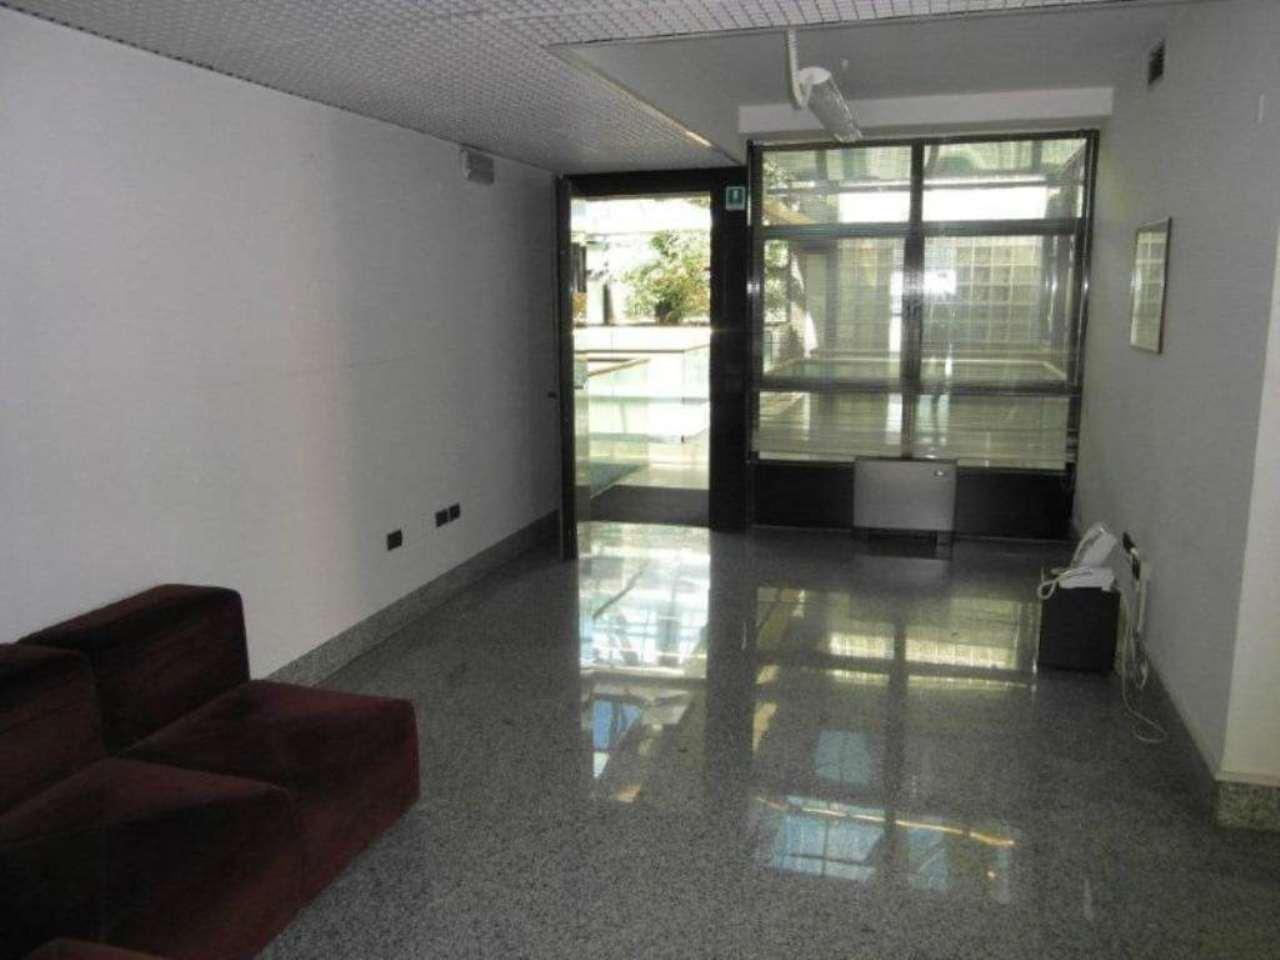 Ufficio / Studio in affitto a Padova, 4 locali, zona Zona: 1 . Centro, prezzo € 700 | CambioCasa.it